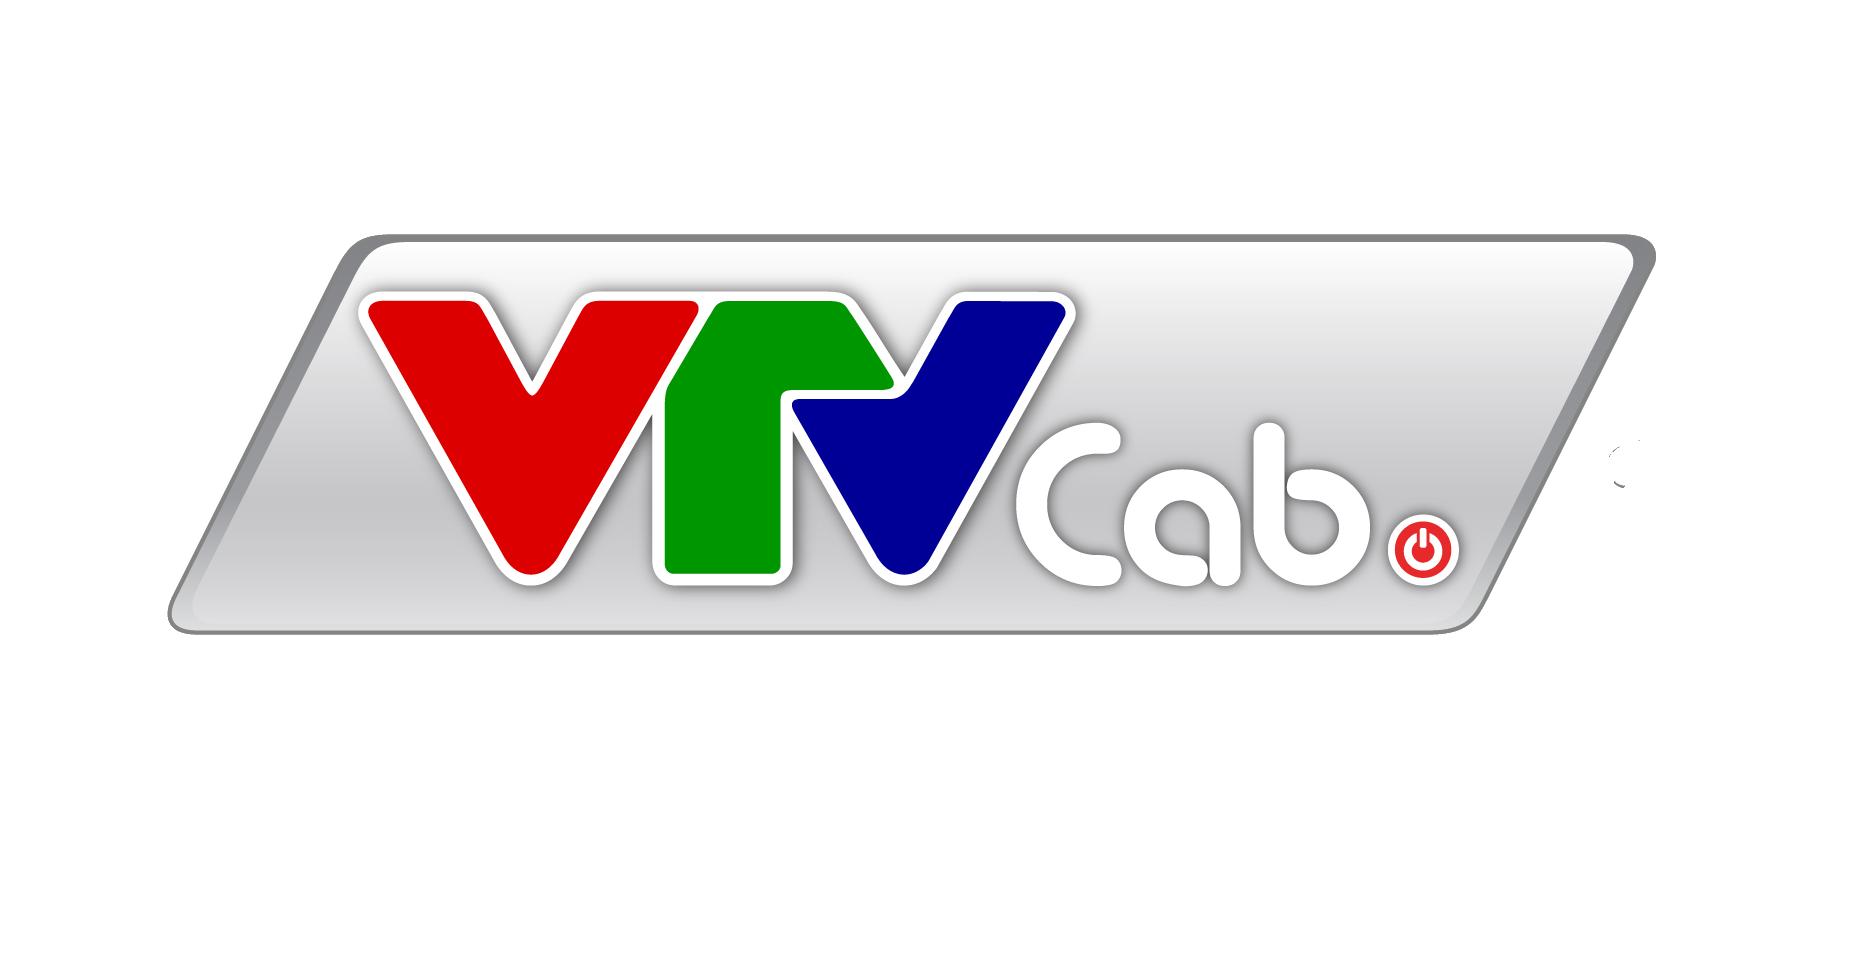 CN CÔNG TY TNHH MTV TỔNG CÔNG TY TRUYỀN HÌNH CÁP VN TẠI BÌNH DƯƠNG